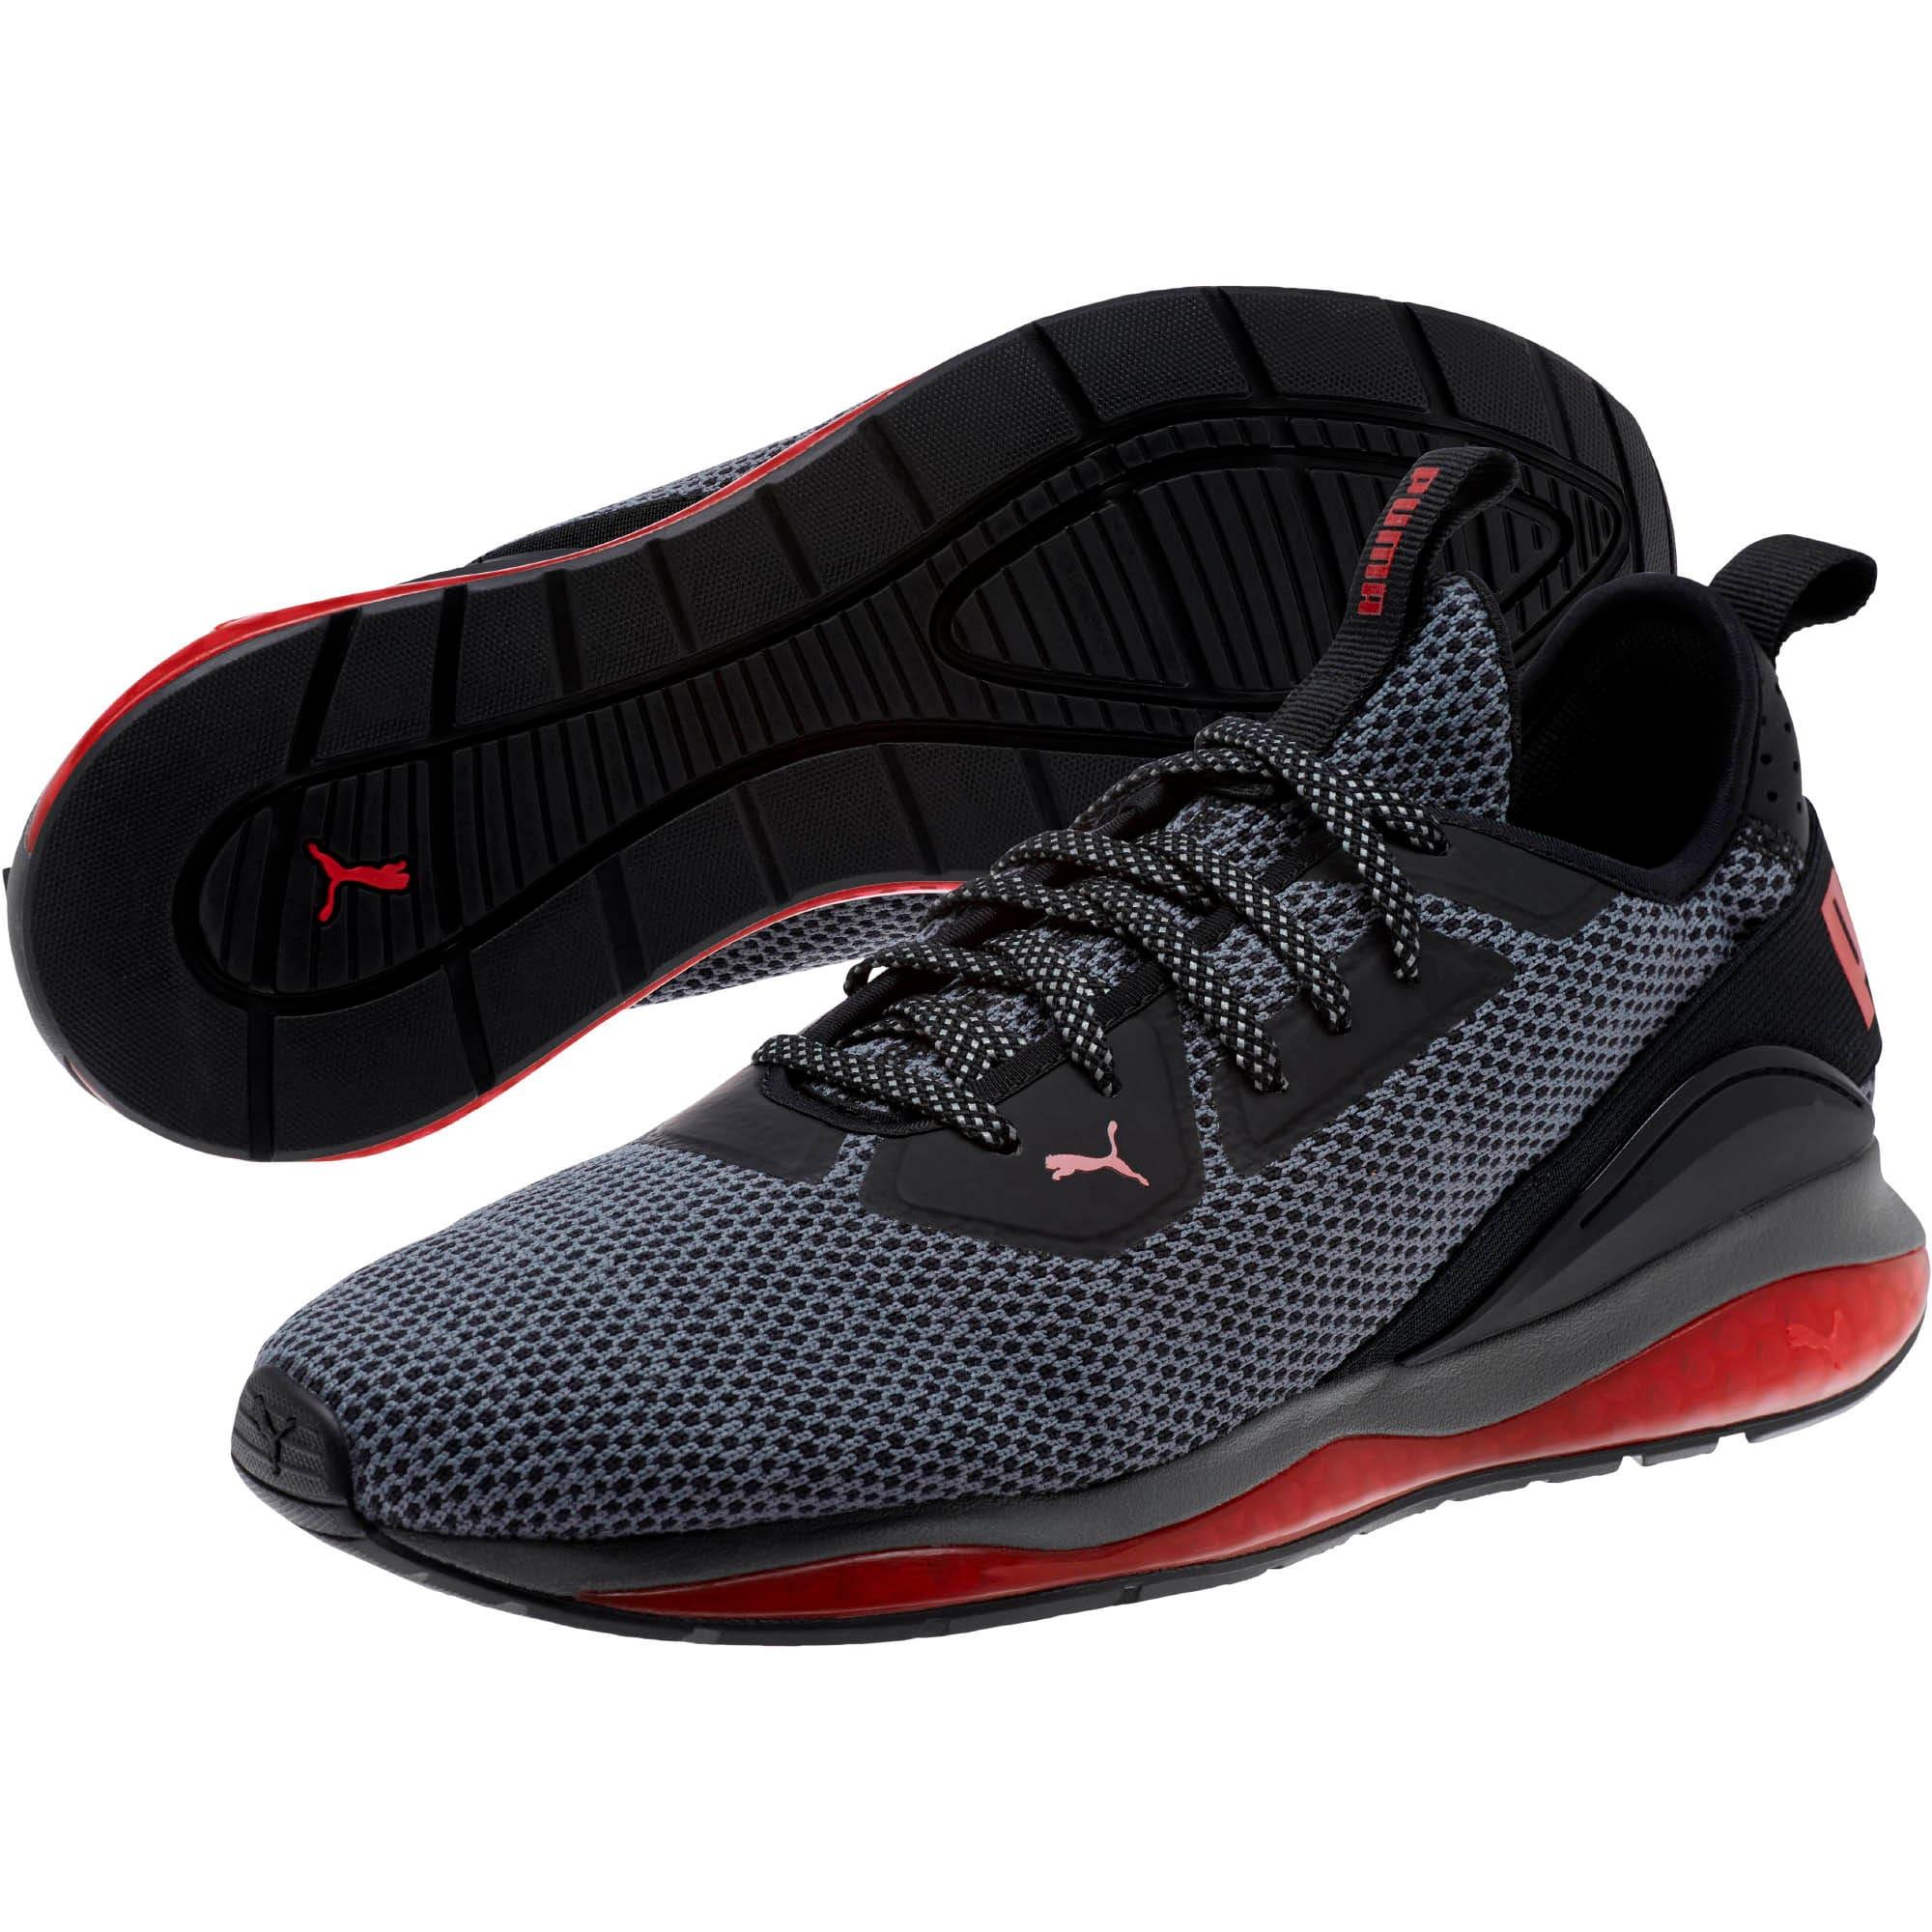 Thumbnail 2 of Cell Descend Men's Running Shoes, Pma Blk-Rbn Rd-Pma Agd Slvr, medium